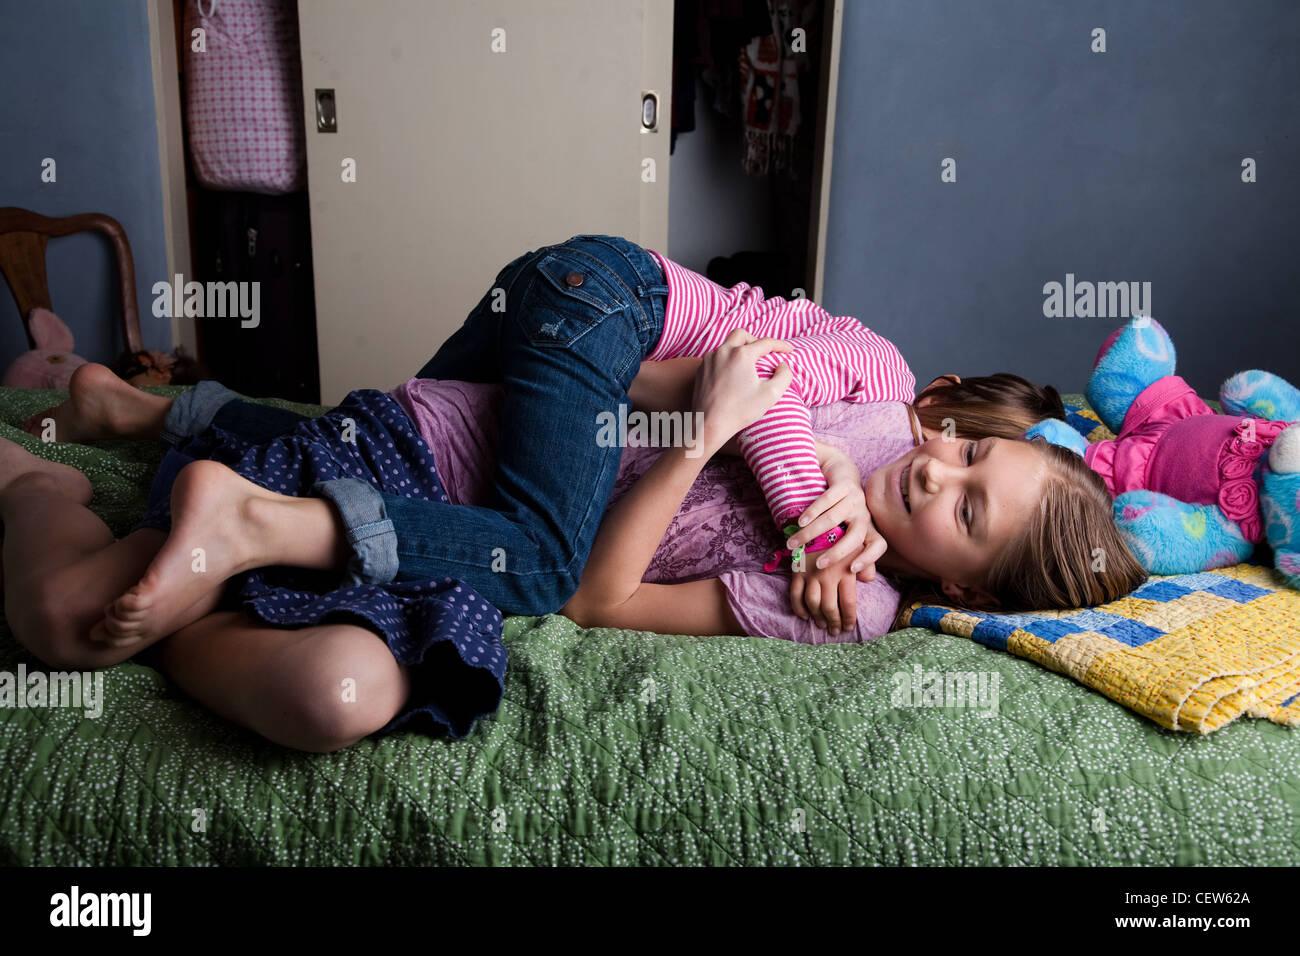 Zwei Mädchen auf dem Bett Ringen Stockfoto